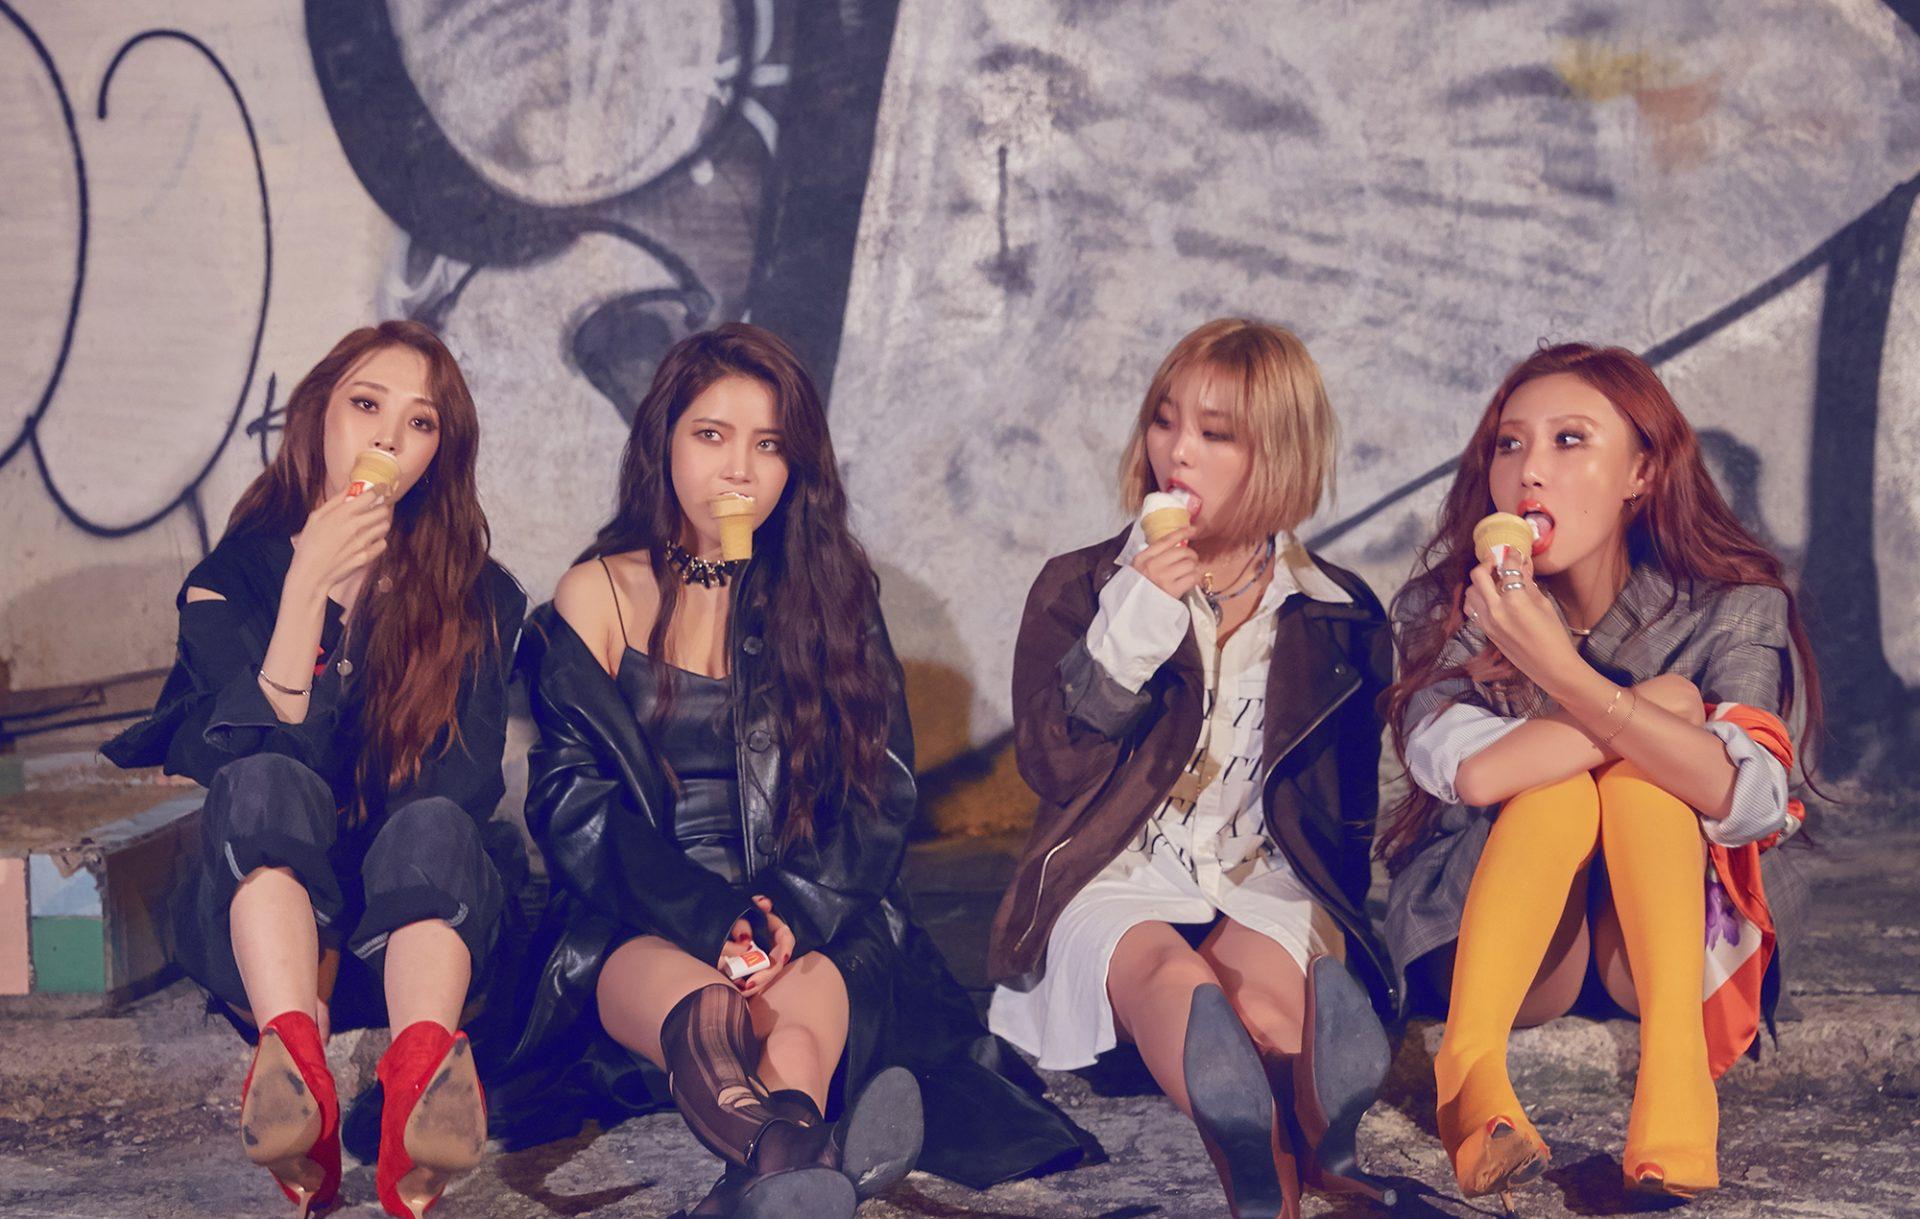 Έξι γυναικεία K-pop συγκροτήματα κυκλοφορούν ταυτόχρονα τα τραγούδια τους